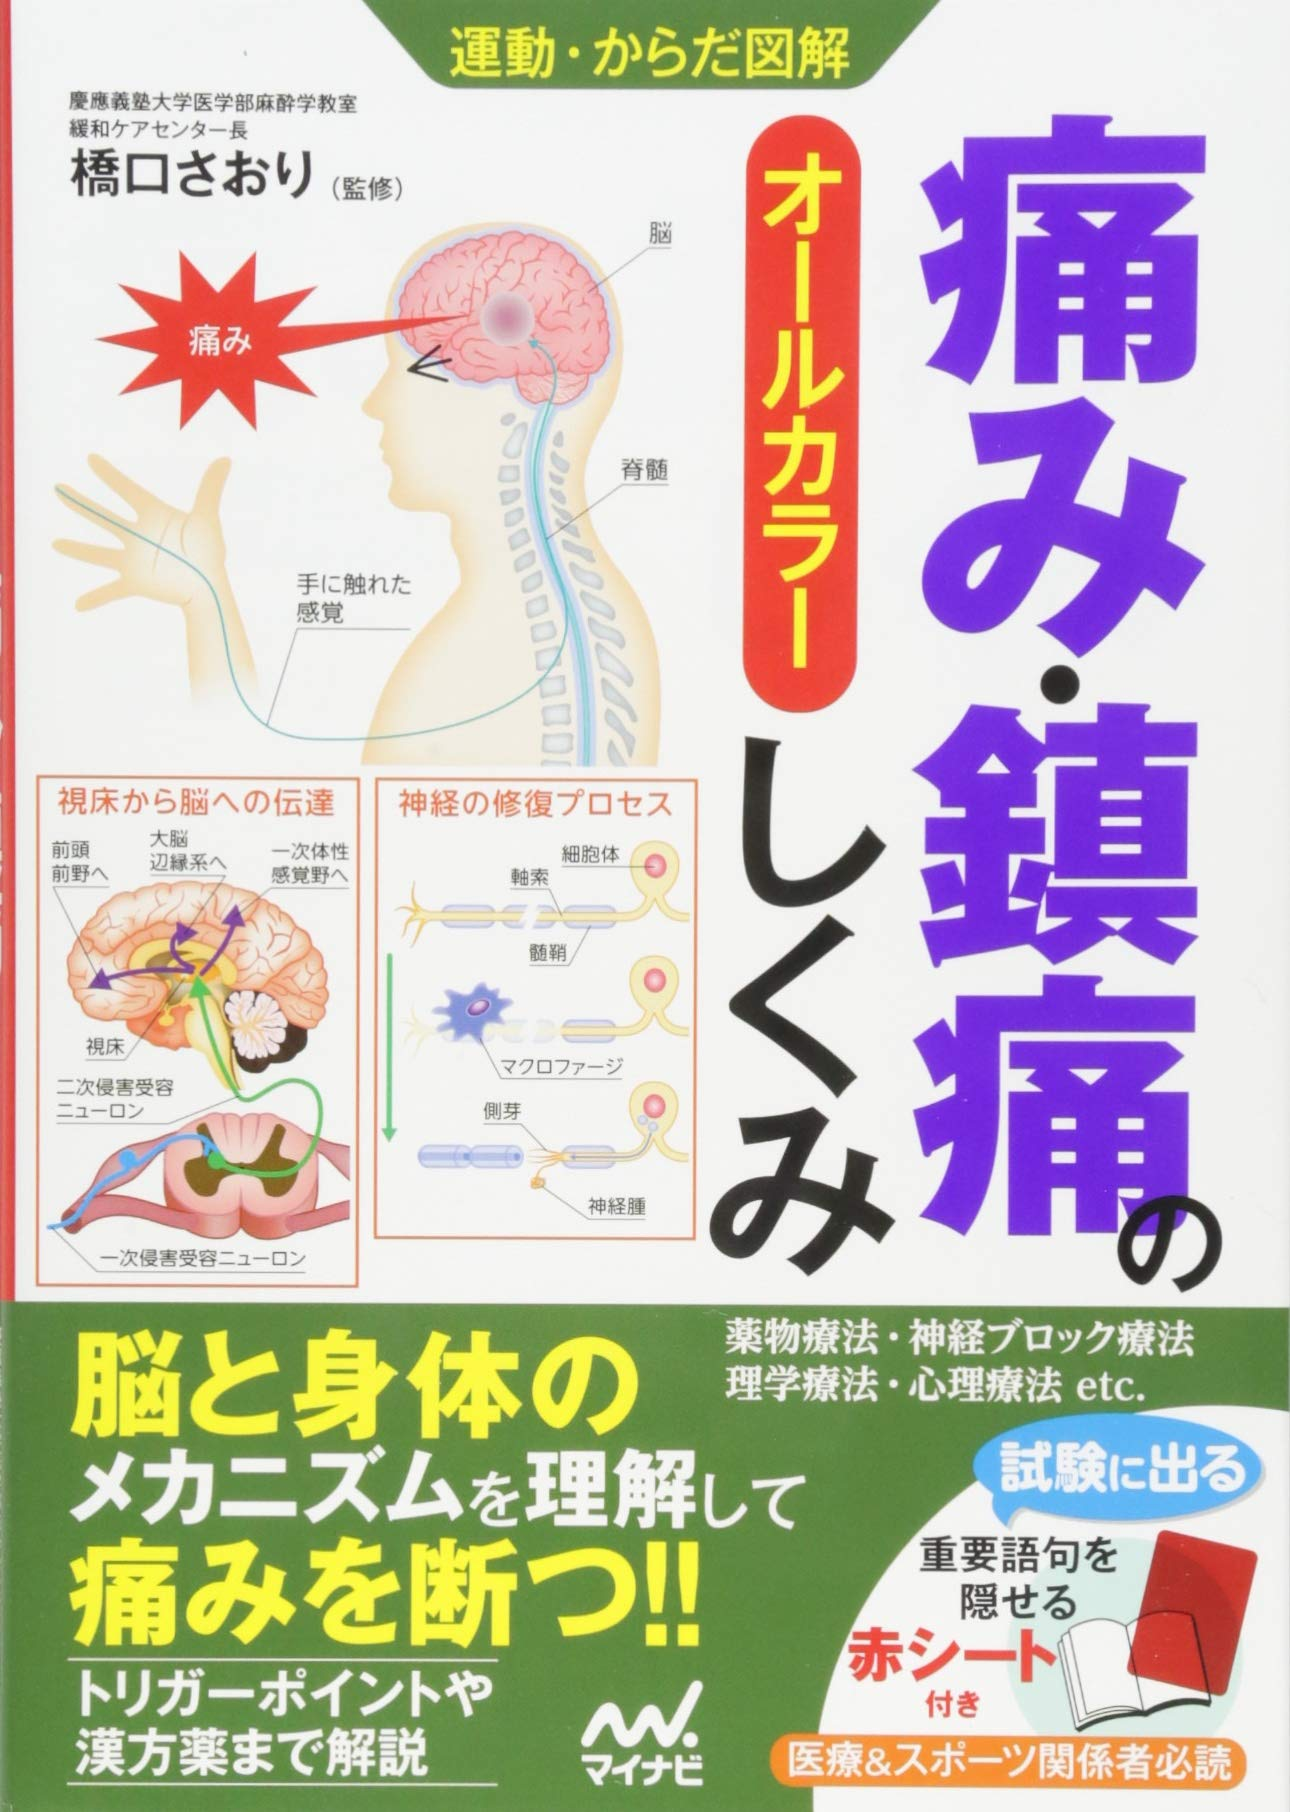 の メカニズム 痛み 痛みの基礎知識|痛みが伝わる仕組み/痛みの悪循環